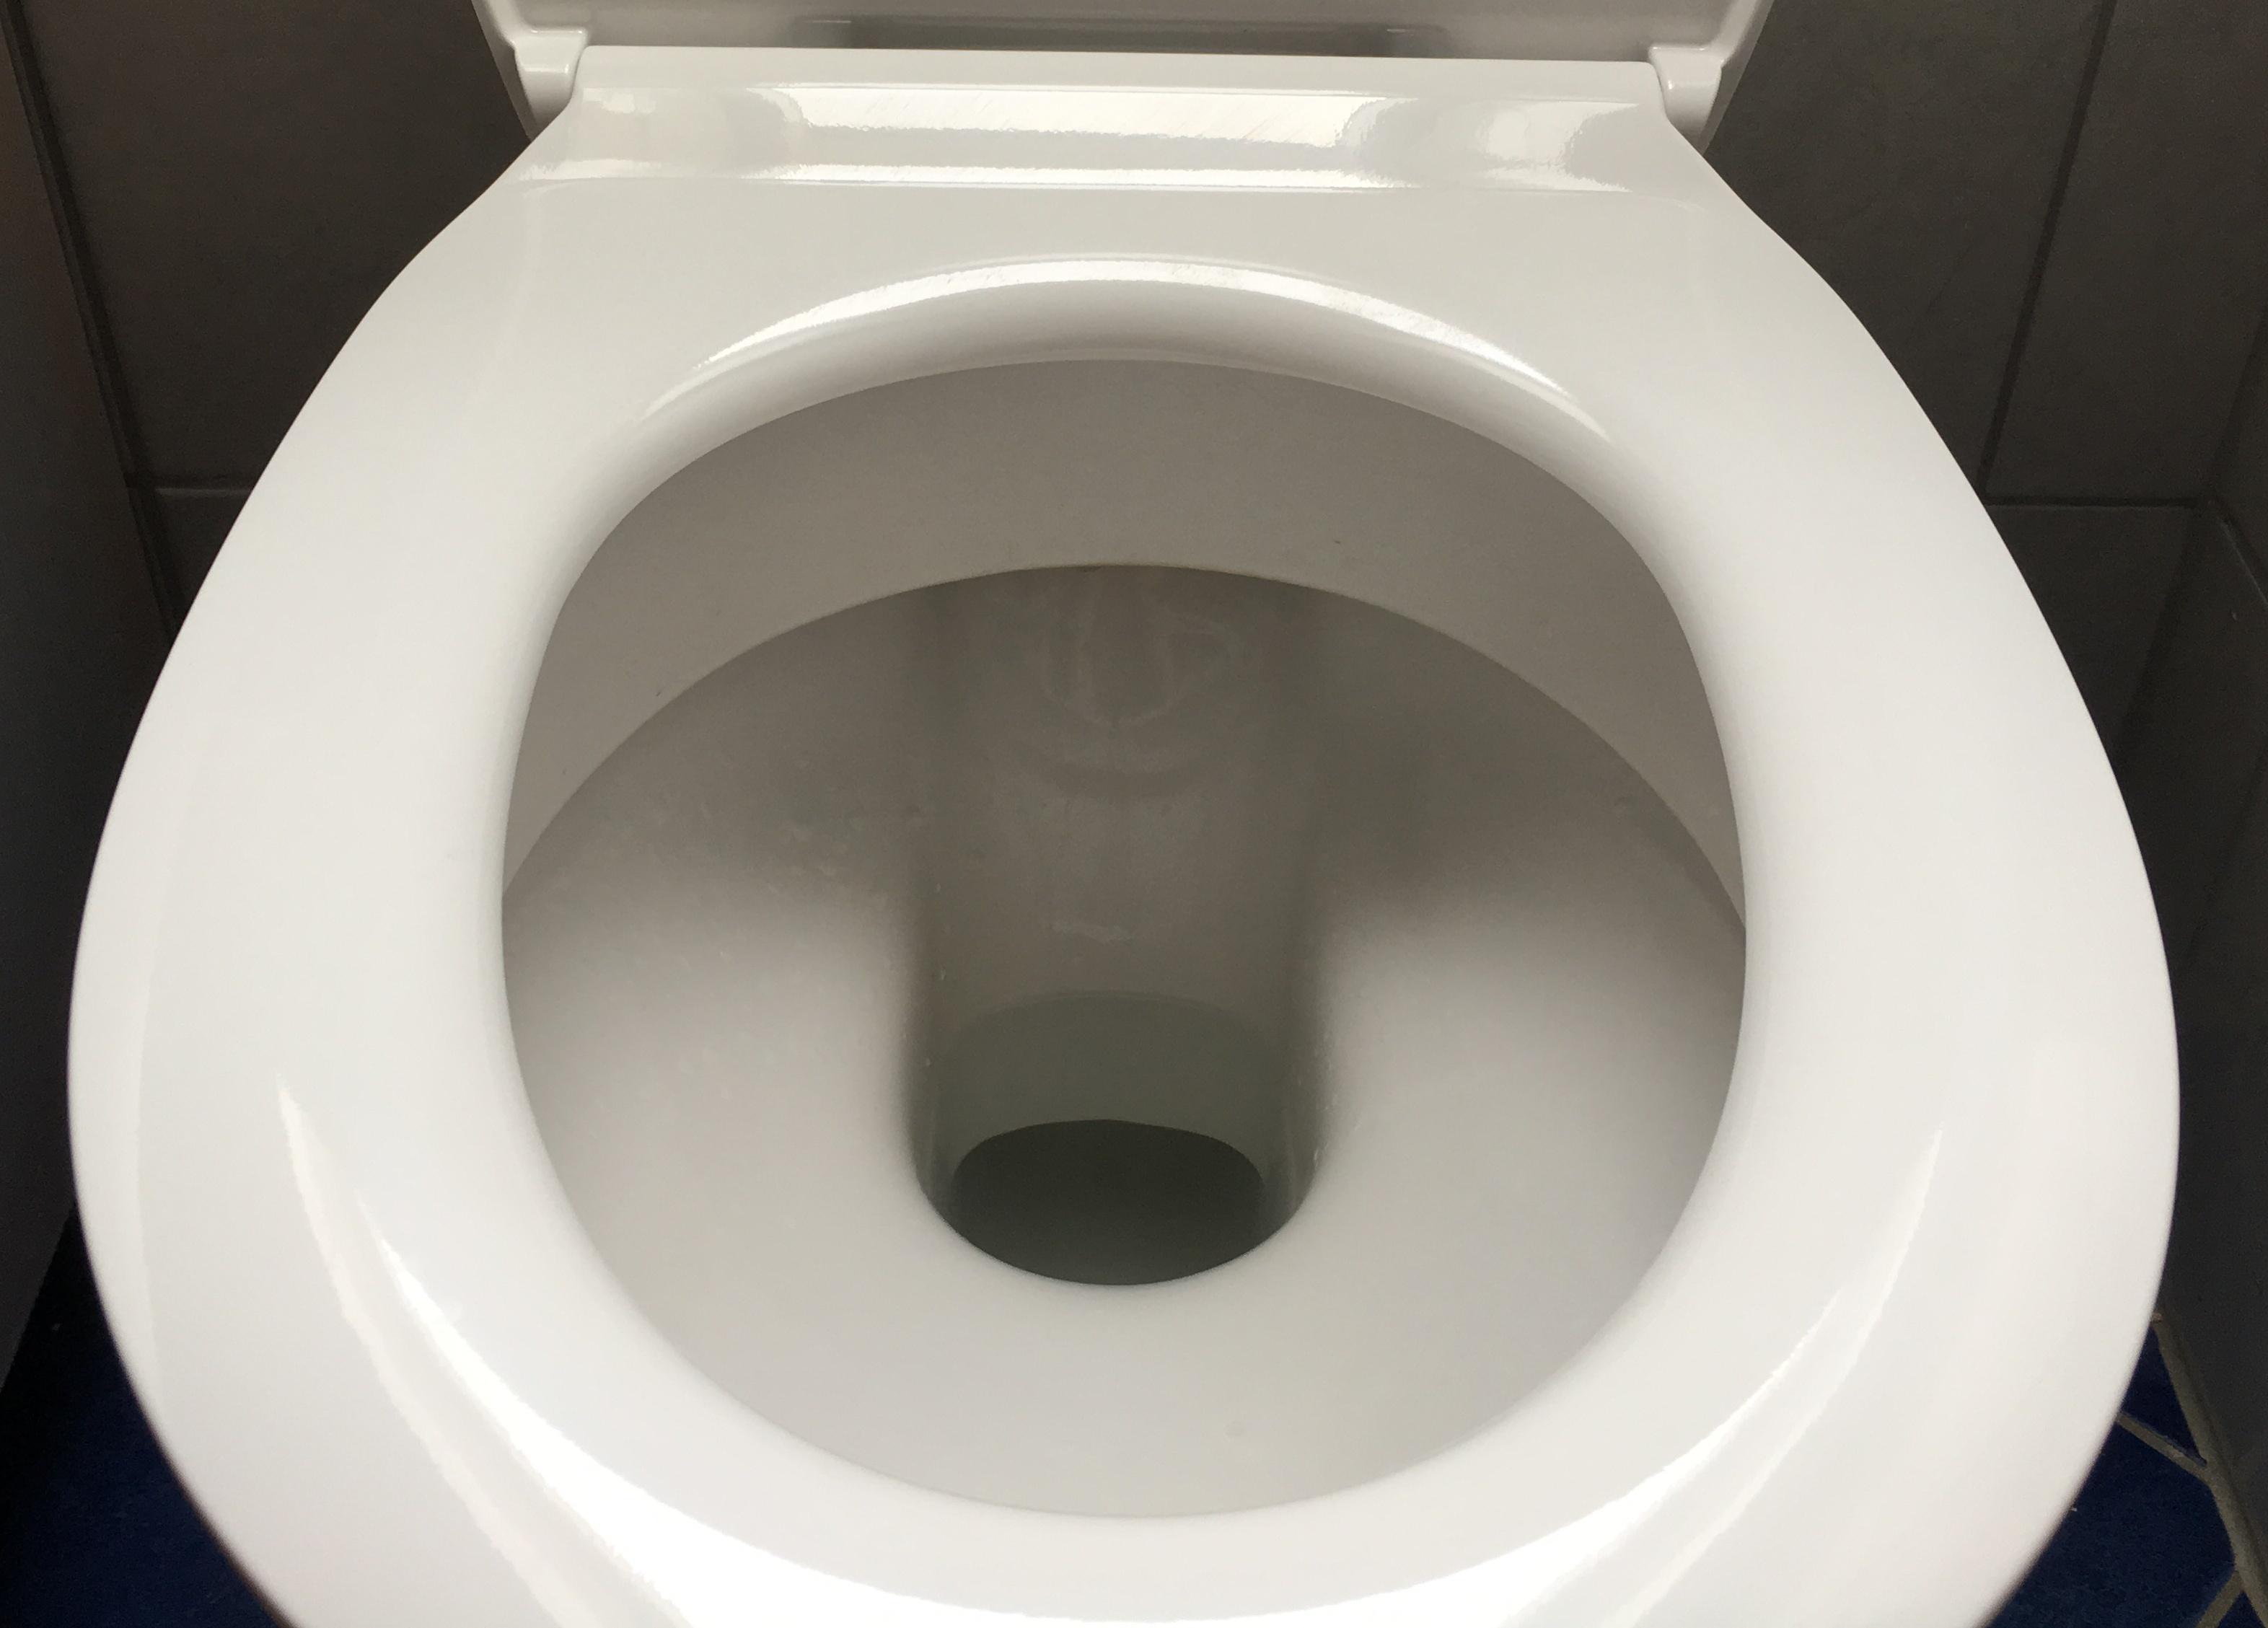 produkttest flacher wc sitz in wei mit absenkautomatik von calmwaters der bad shop enjoynews. Black Bedroom Furniture Sets. Home Design Ideas